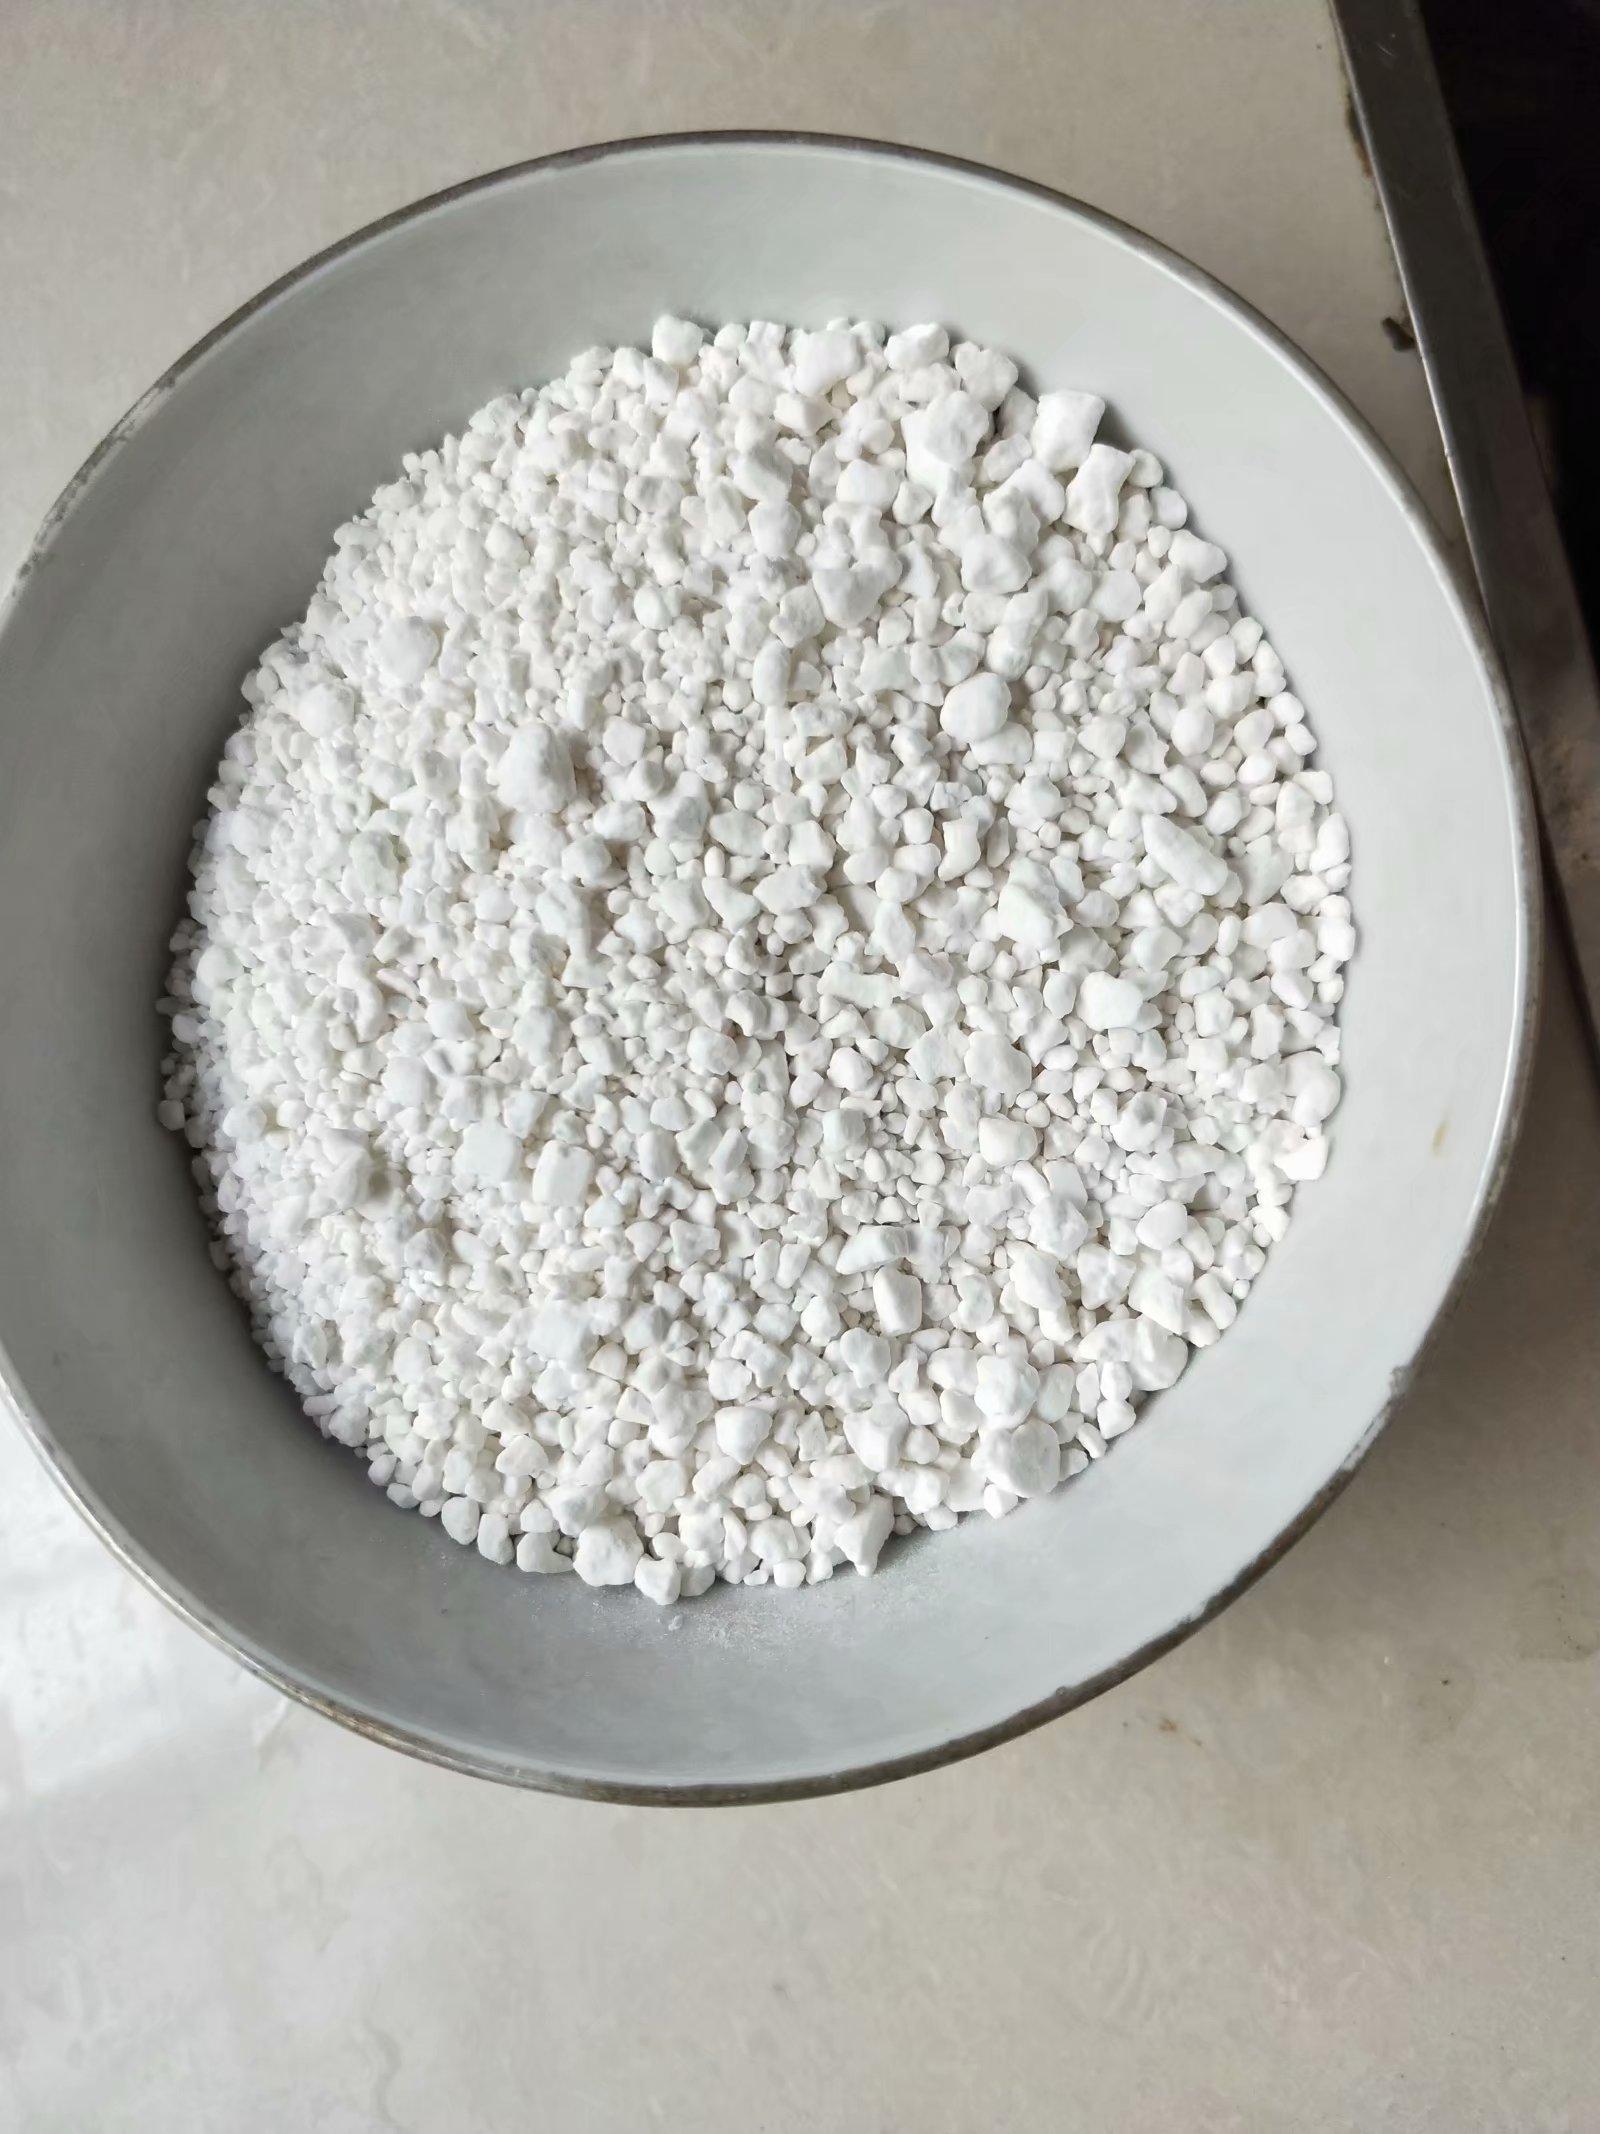 湖北特色农产品纯土豆粉 农家自制土豆粉 可冲食 亦可炒食200克